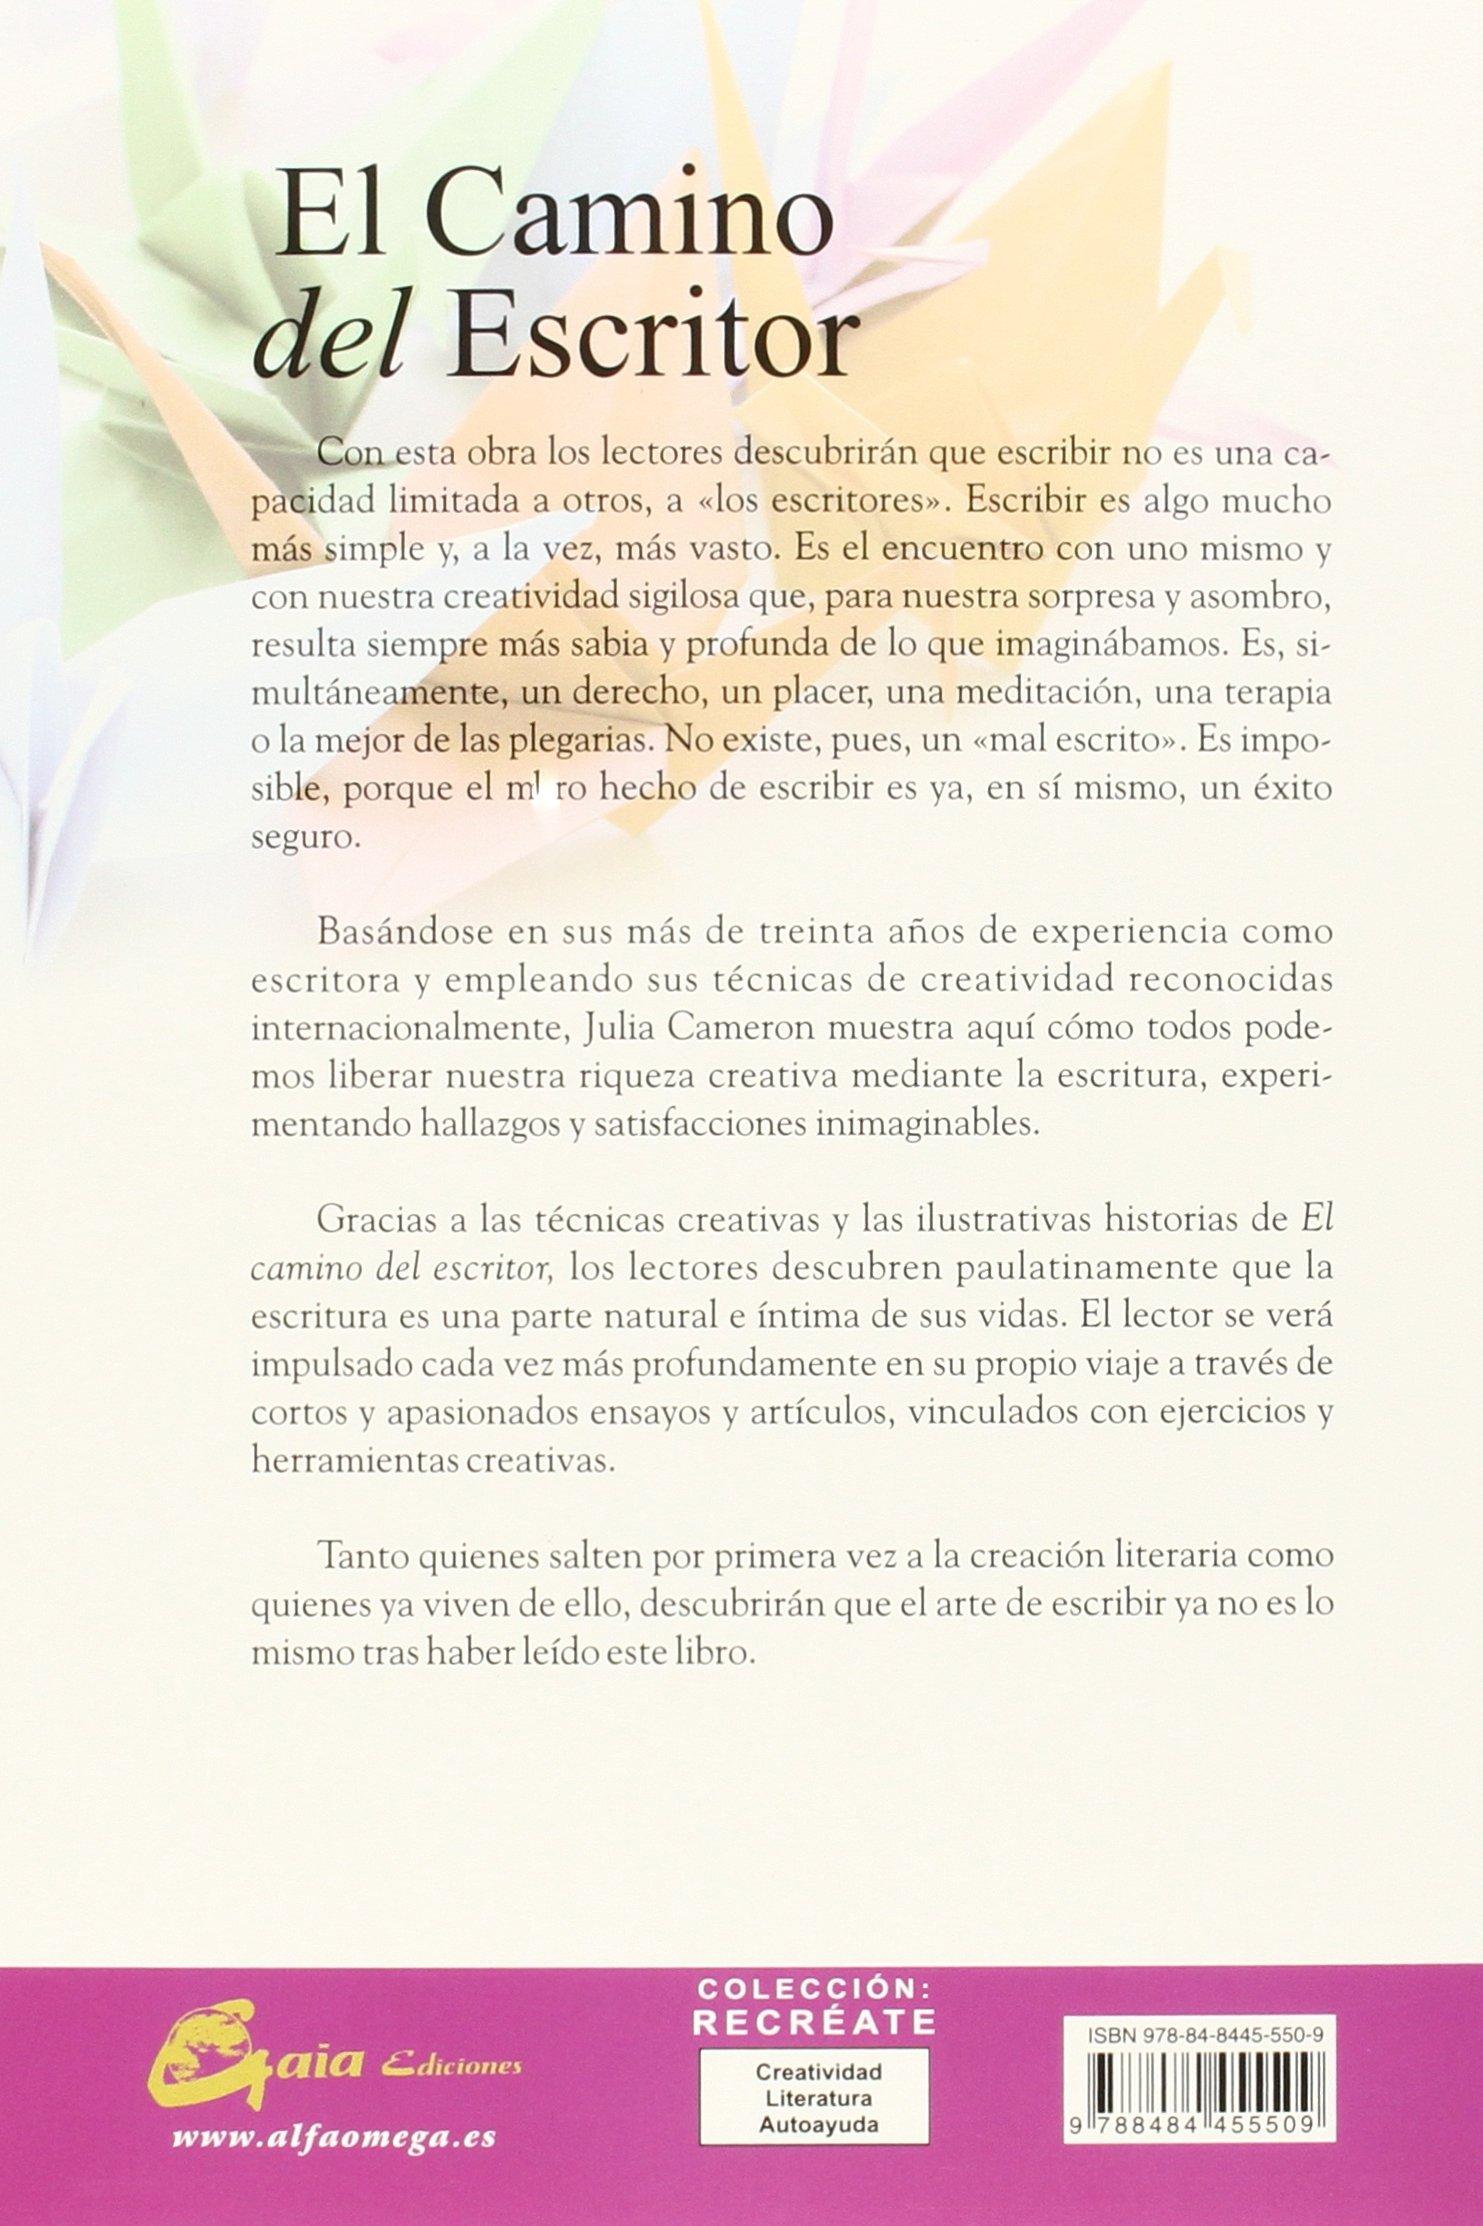 CAMINO DEL ESCRITOR, EL (Recréate): Amazon.es: Julia Cameron, Elisa  Rodríguez Pirez: Libros